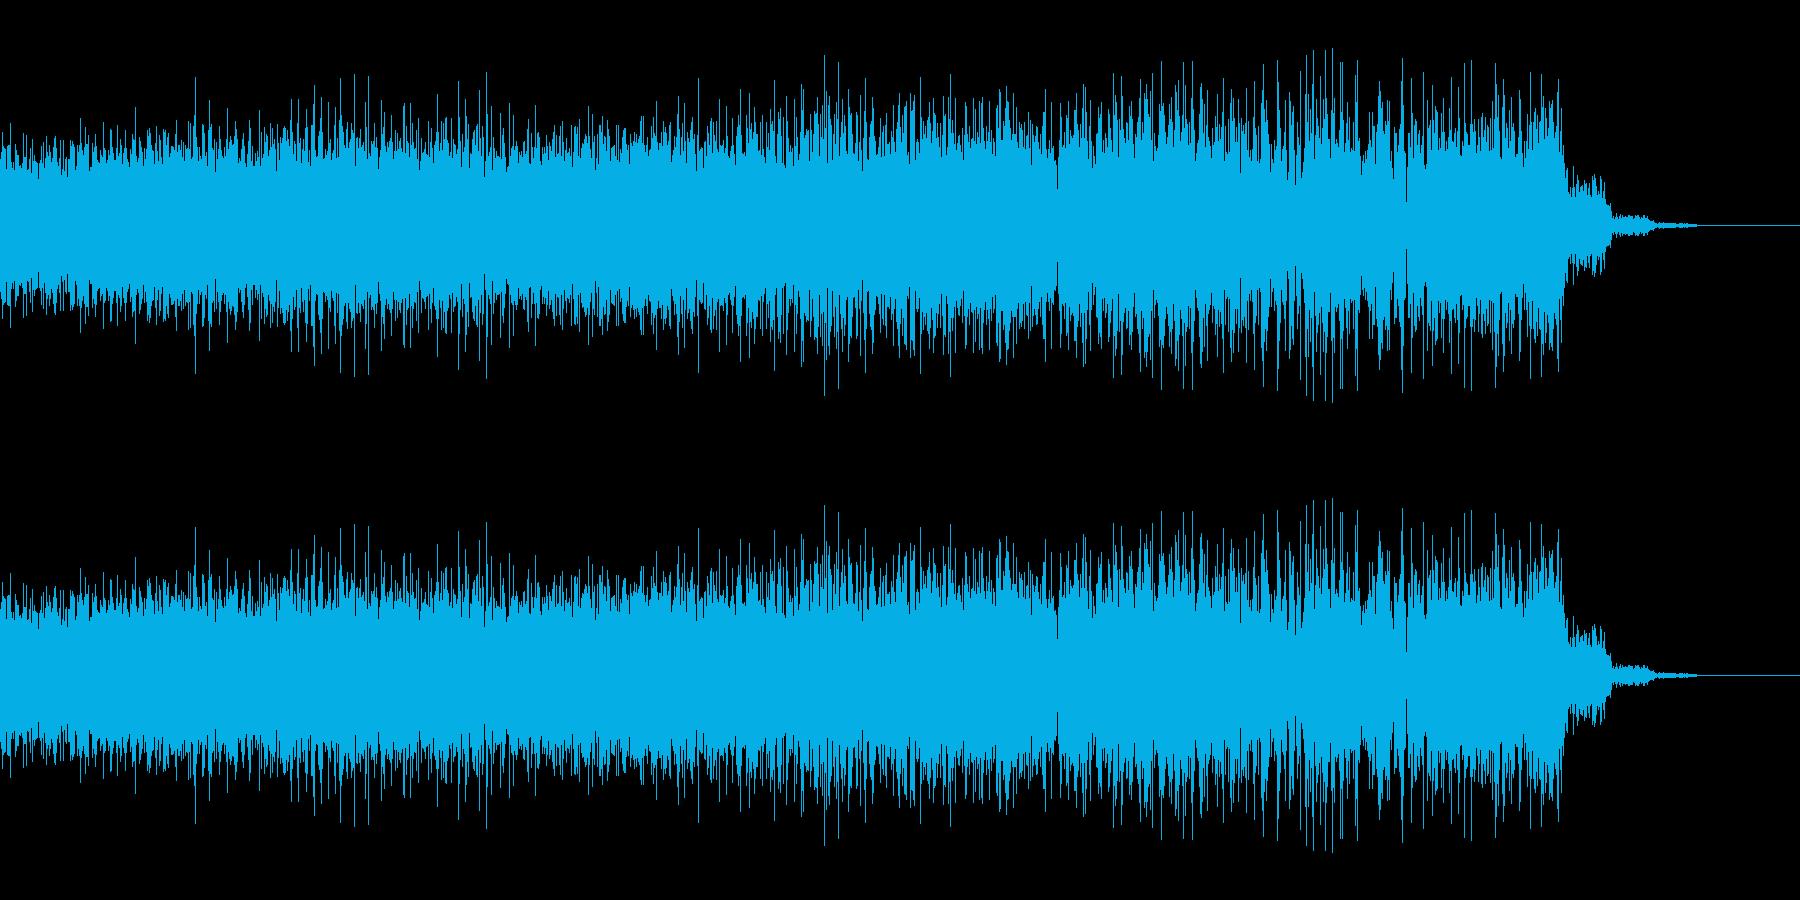 ビリビリとしびれるようなチャージ音の再生済みの波形